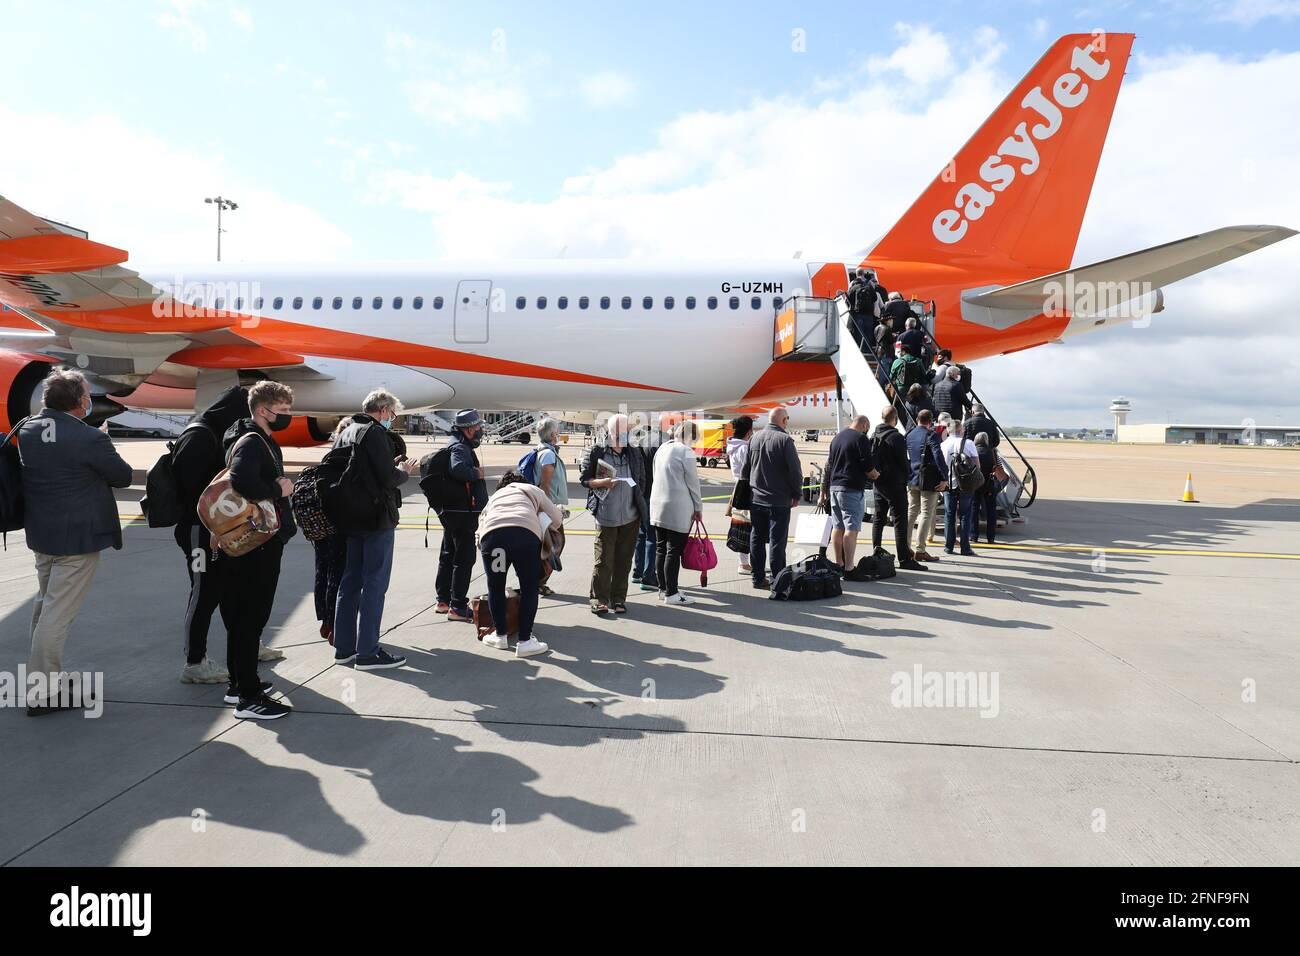 Passagiere bereiten sich auf einen easyJet-Flug nach Faro, Portugal, am Flughafen Gatwick in West Sussex vor, nachdem das Verbot des internationalen Freizeitverkehrs für Menschen in England nach der weiteren Lockerung der Sperrbeschränkungen aufgehoben wurde. Bilddatum: Montag, 17. Mai 2021. Stockfoto